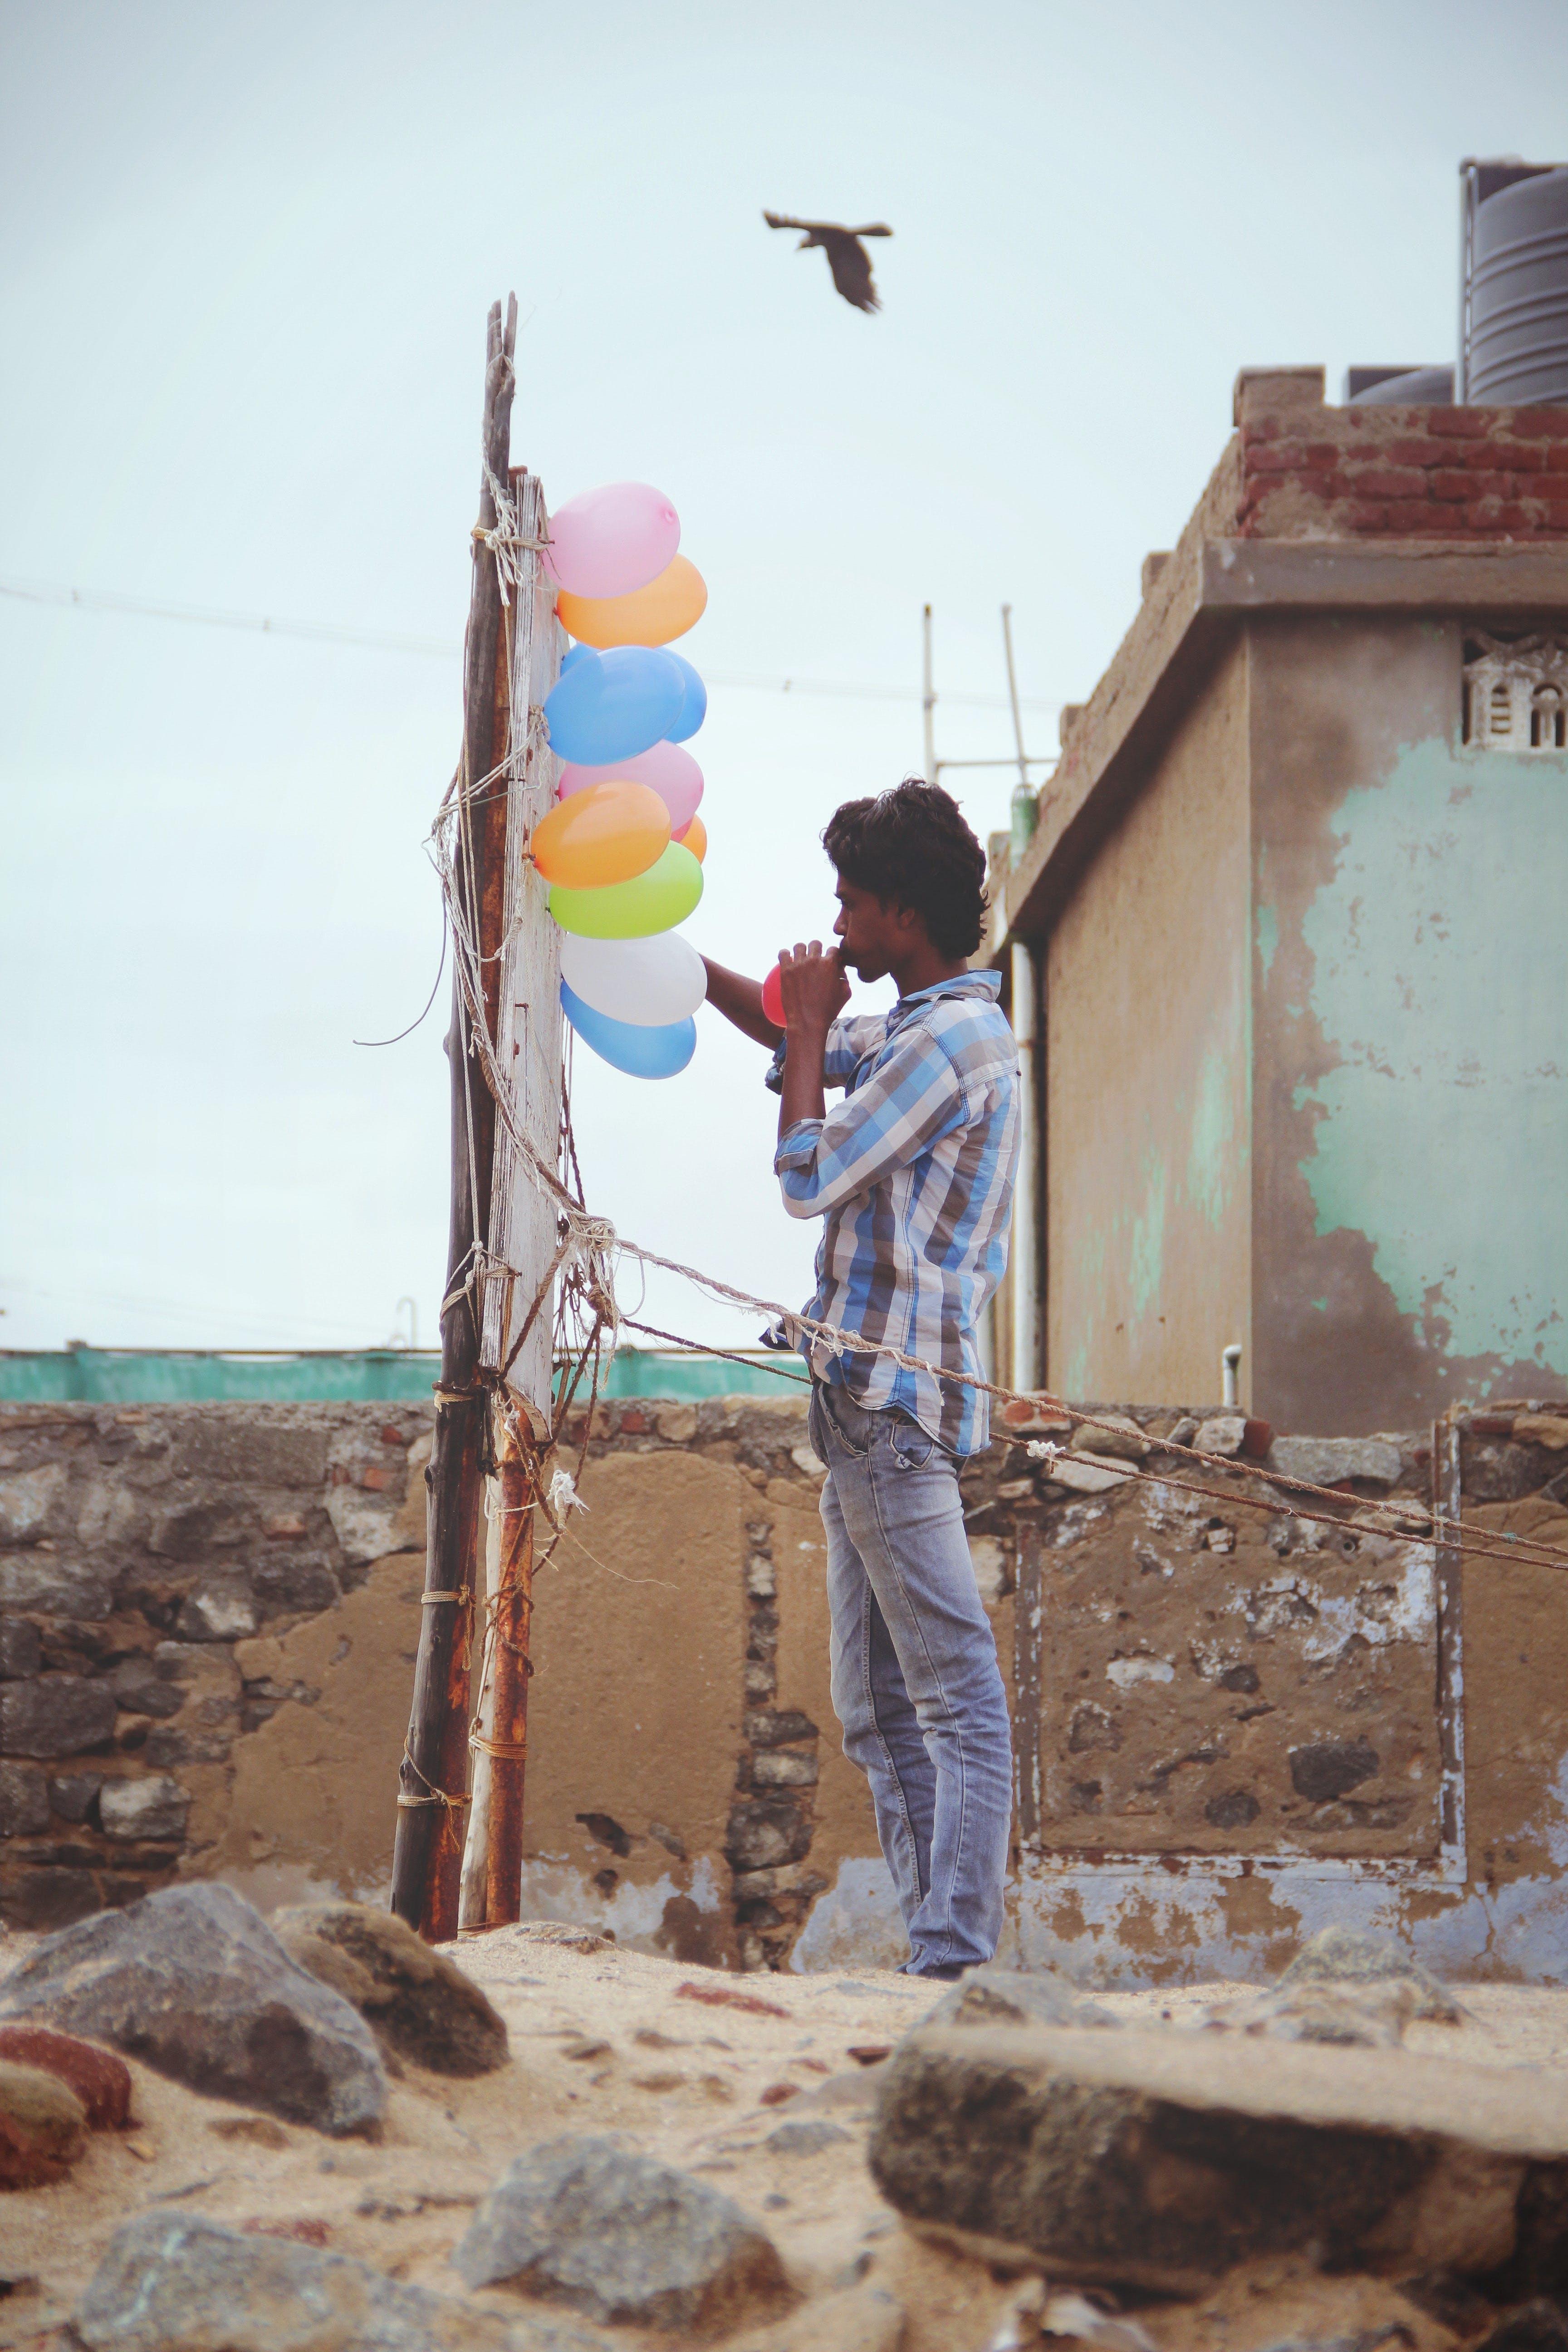 Kostenloses Stock Foto zu arbeit, arbeiter, ballons, bunt